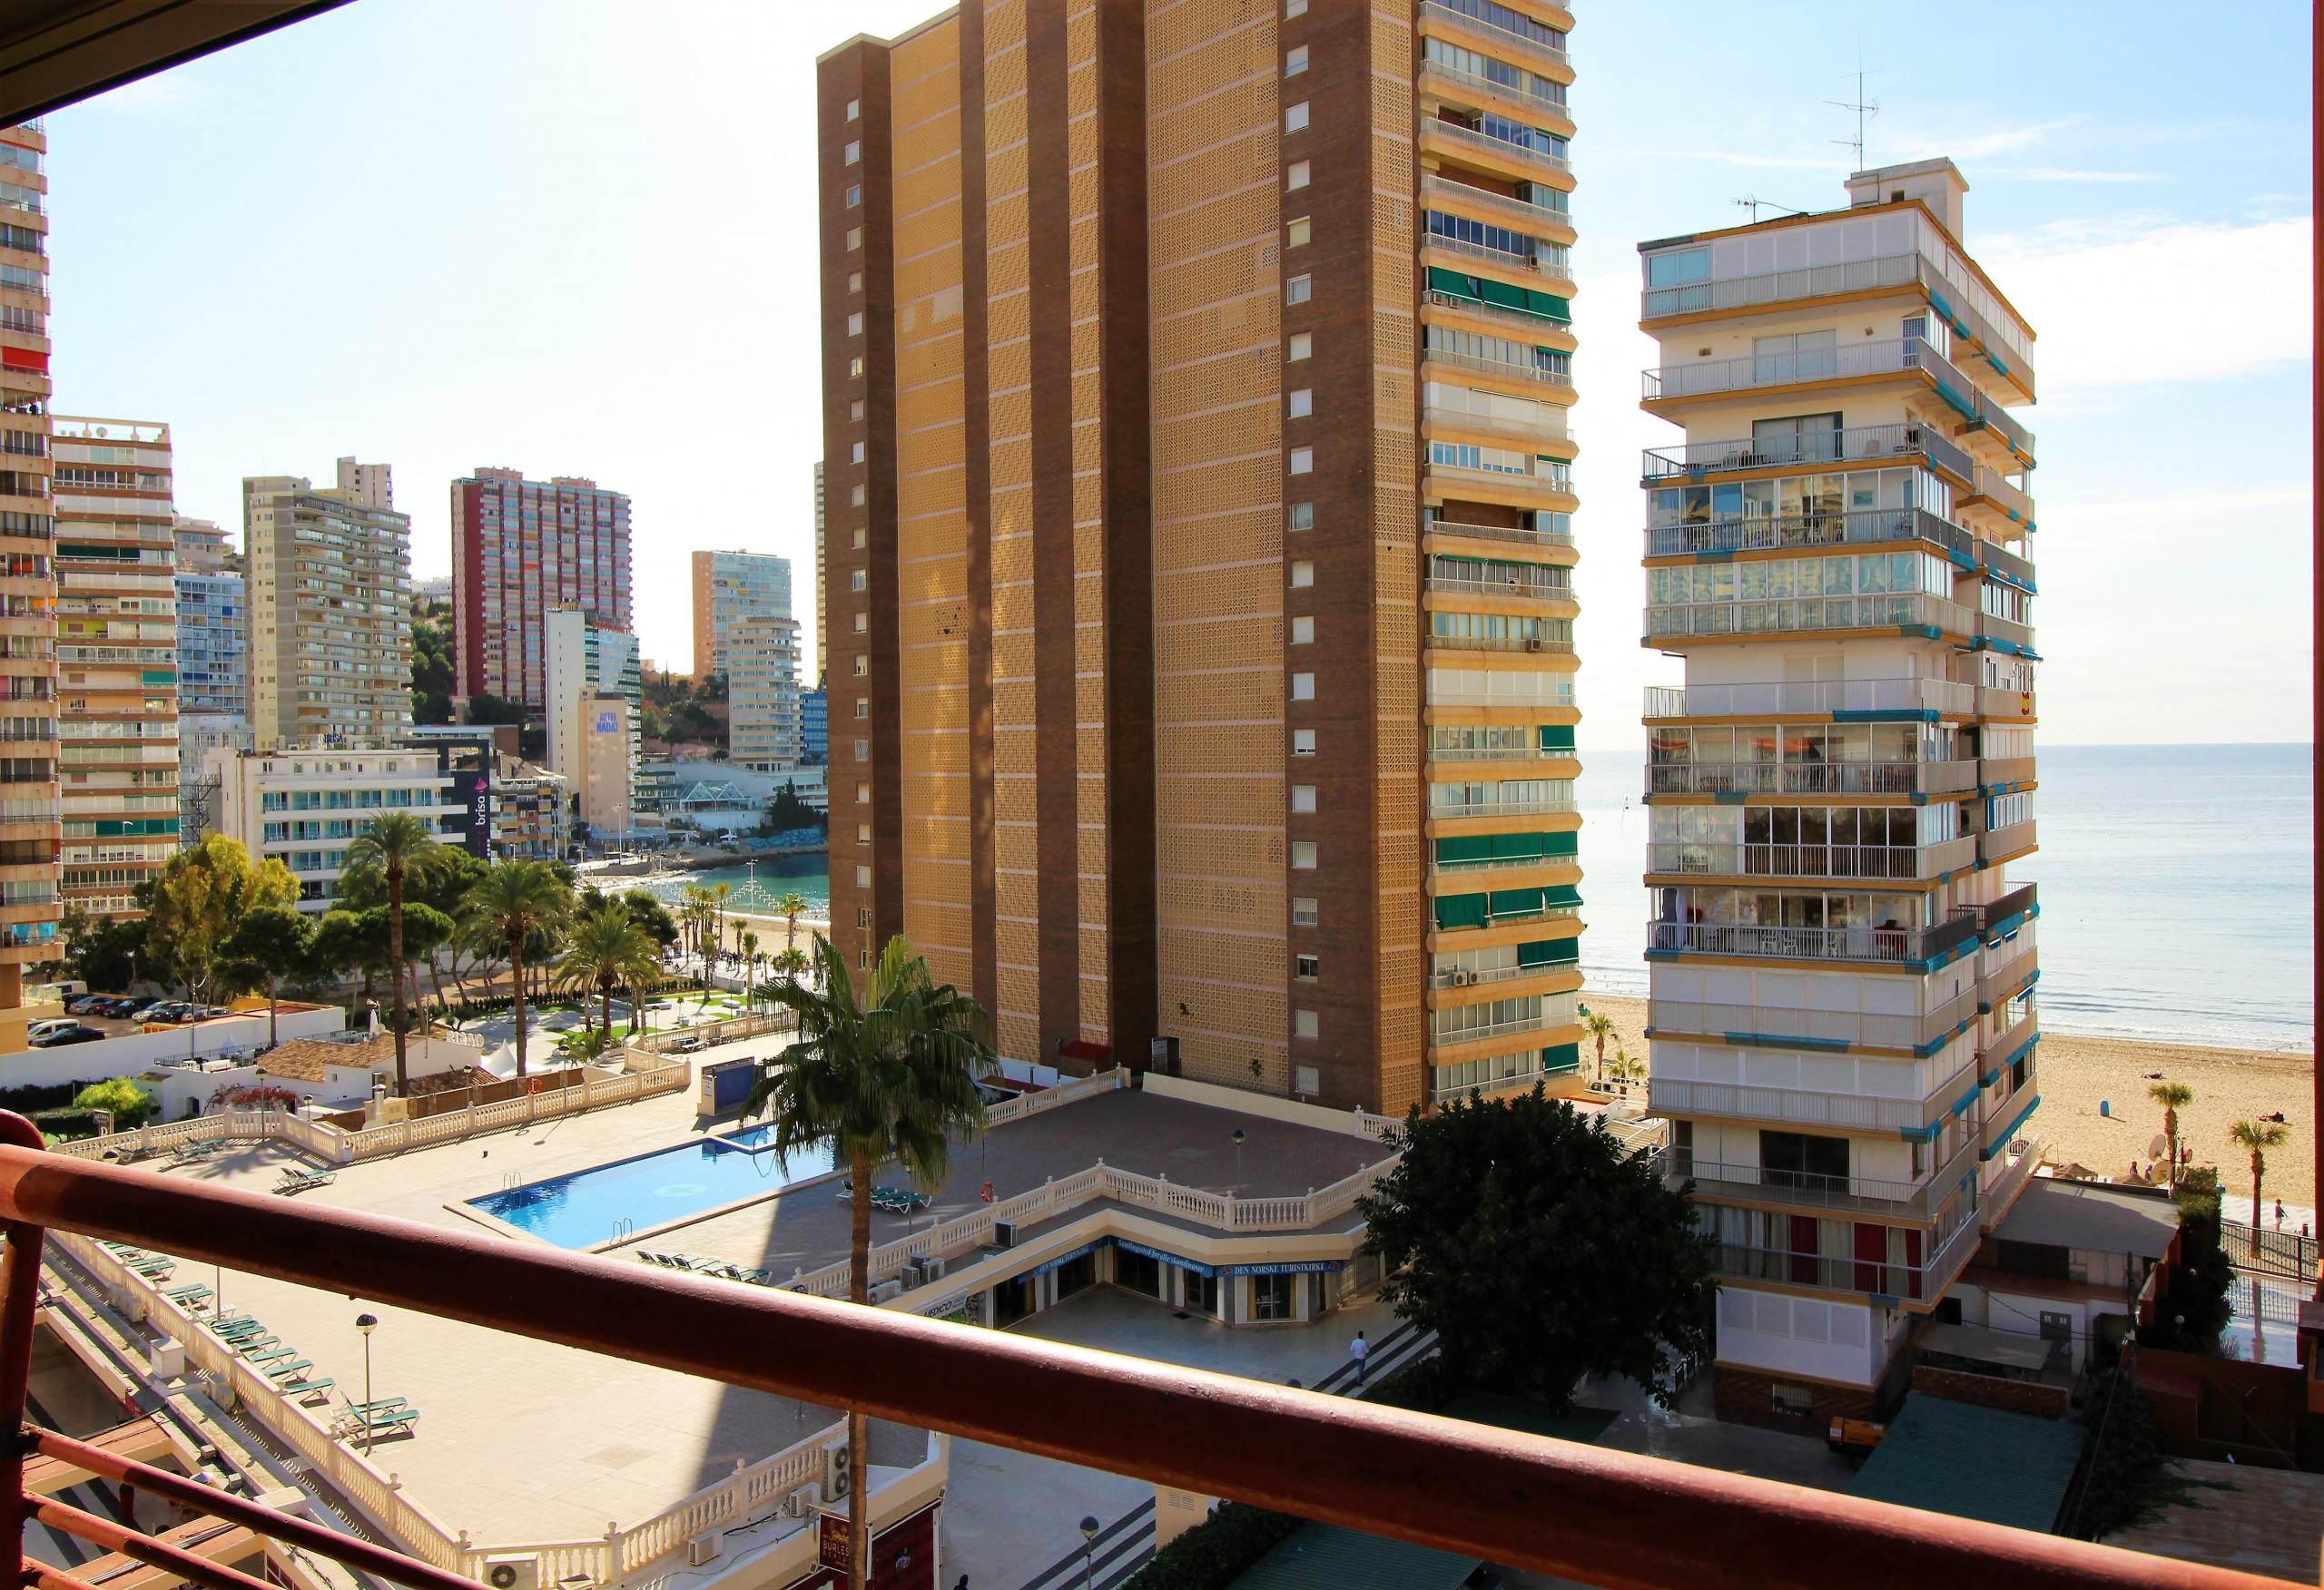 Apartamentos en benidorm coblanca 762 - Apartamentos de alquiler en benidorm baratos ...